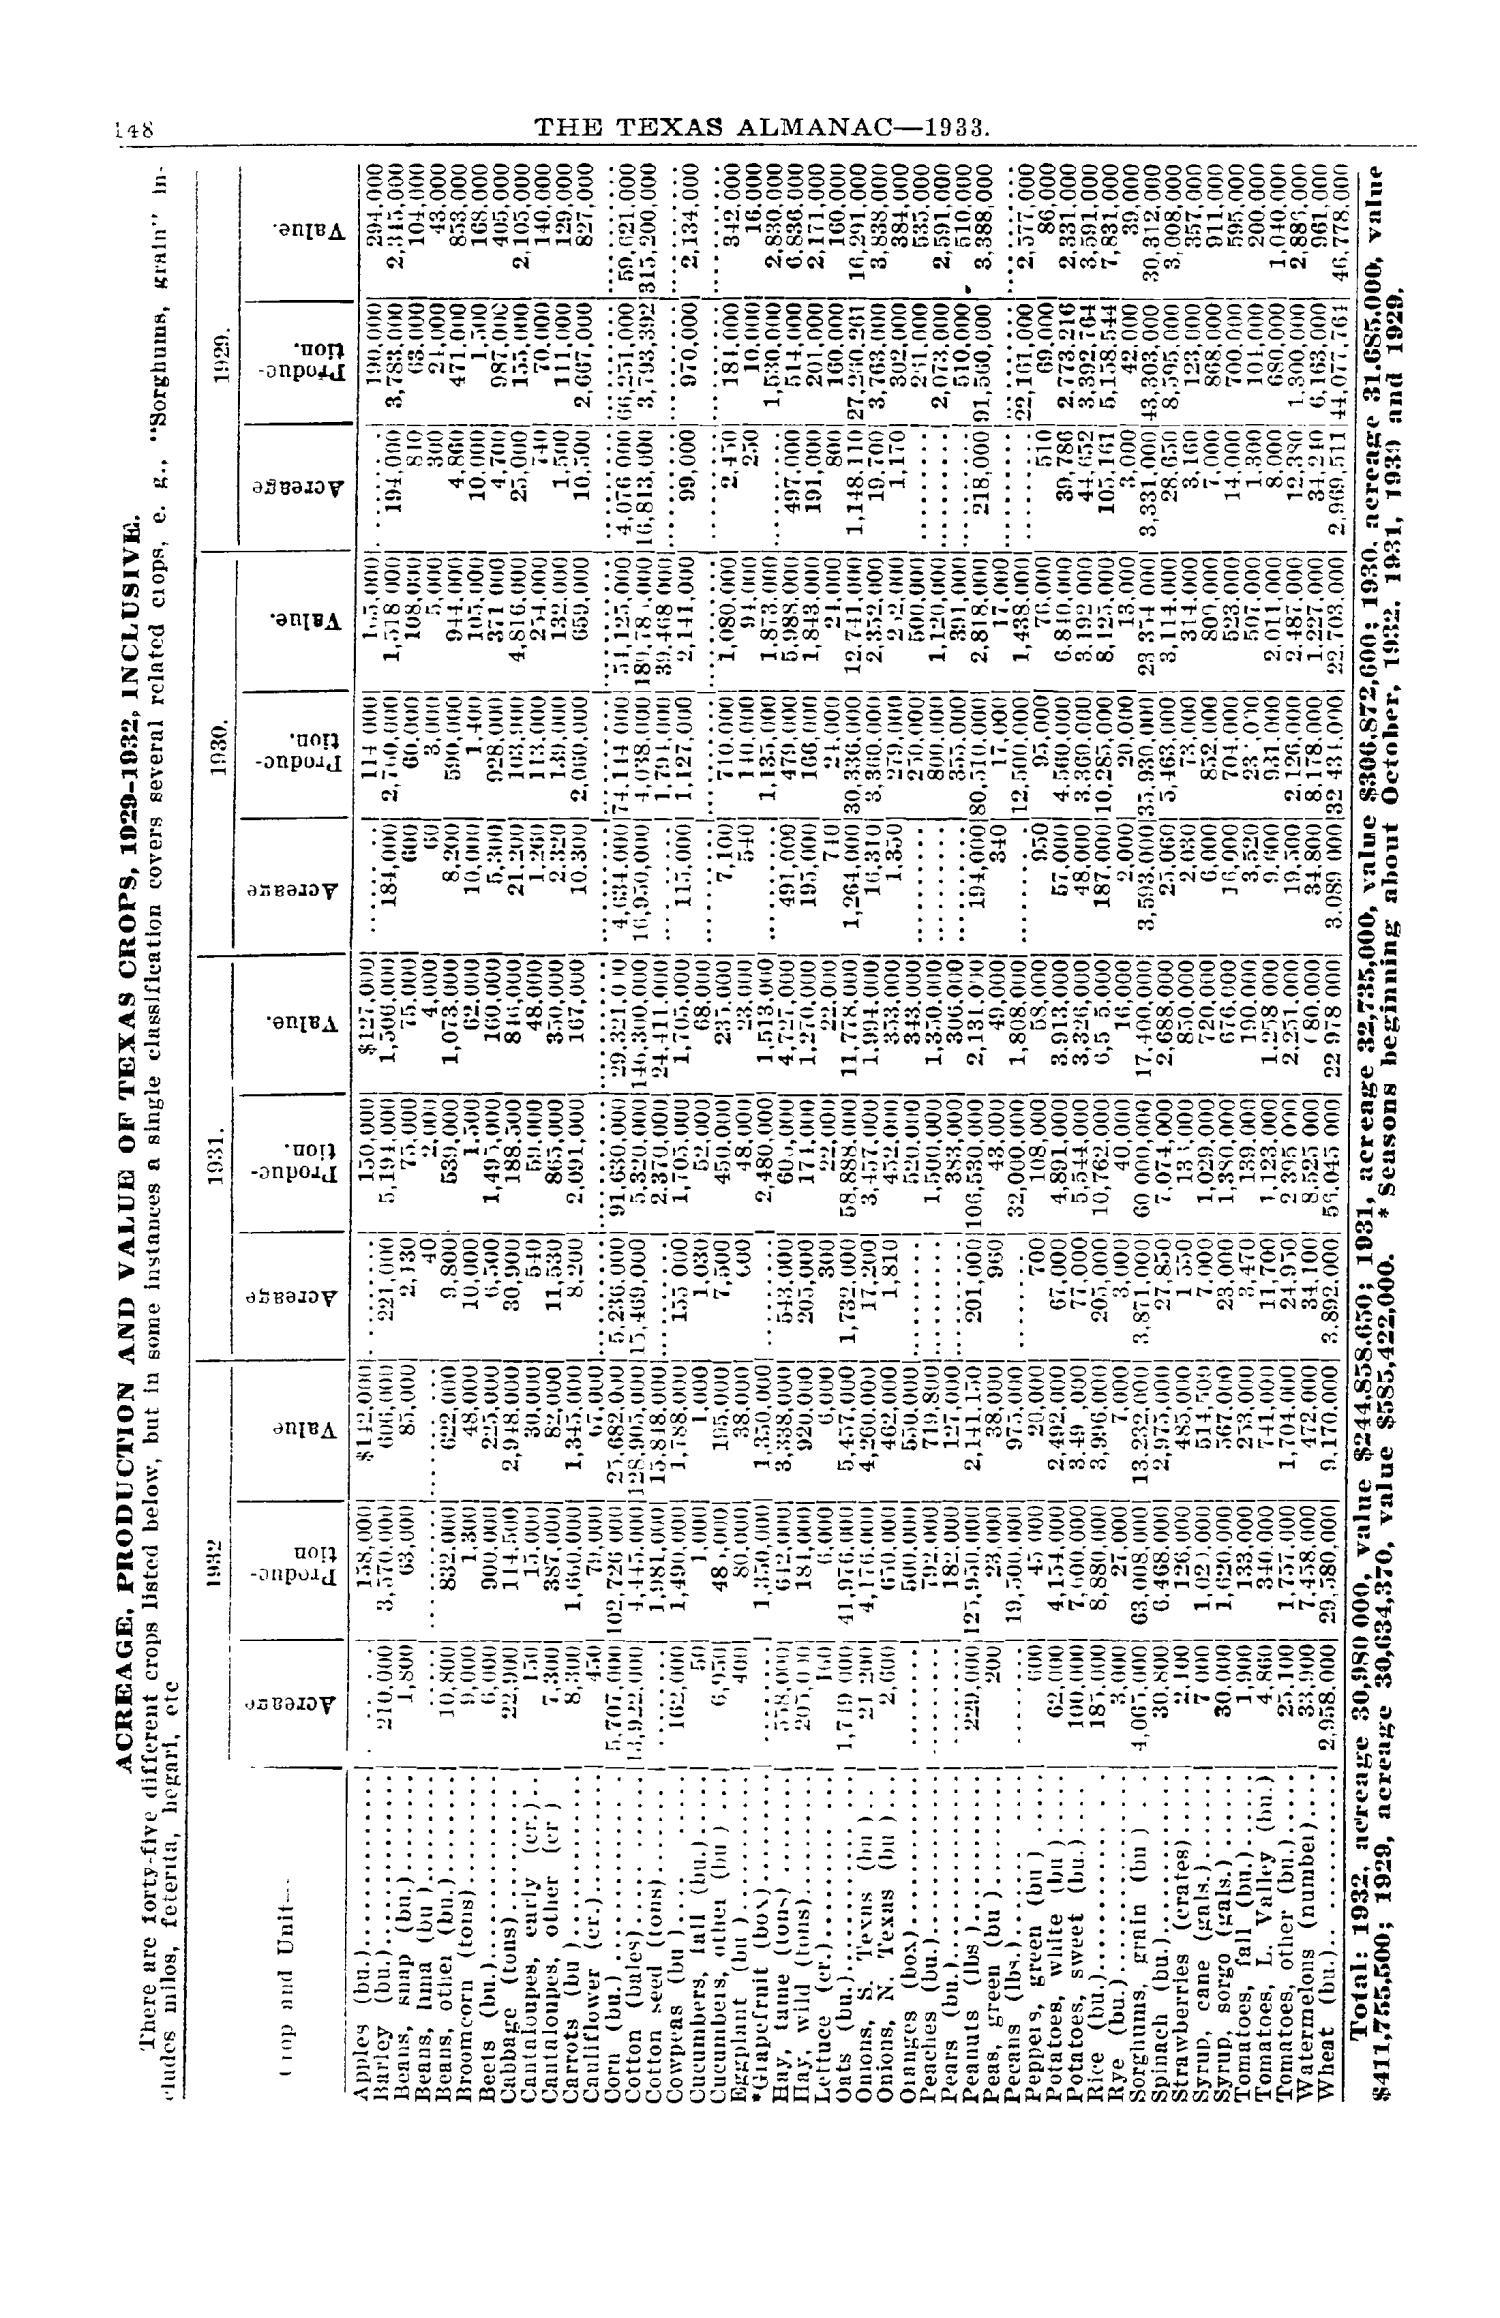 vco almanac